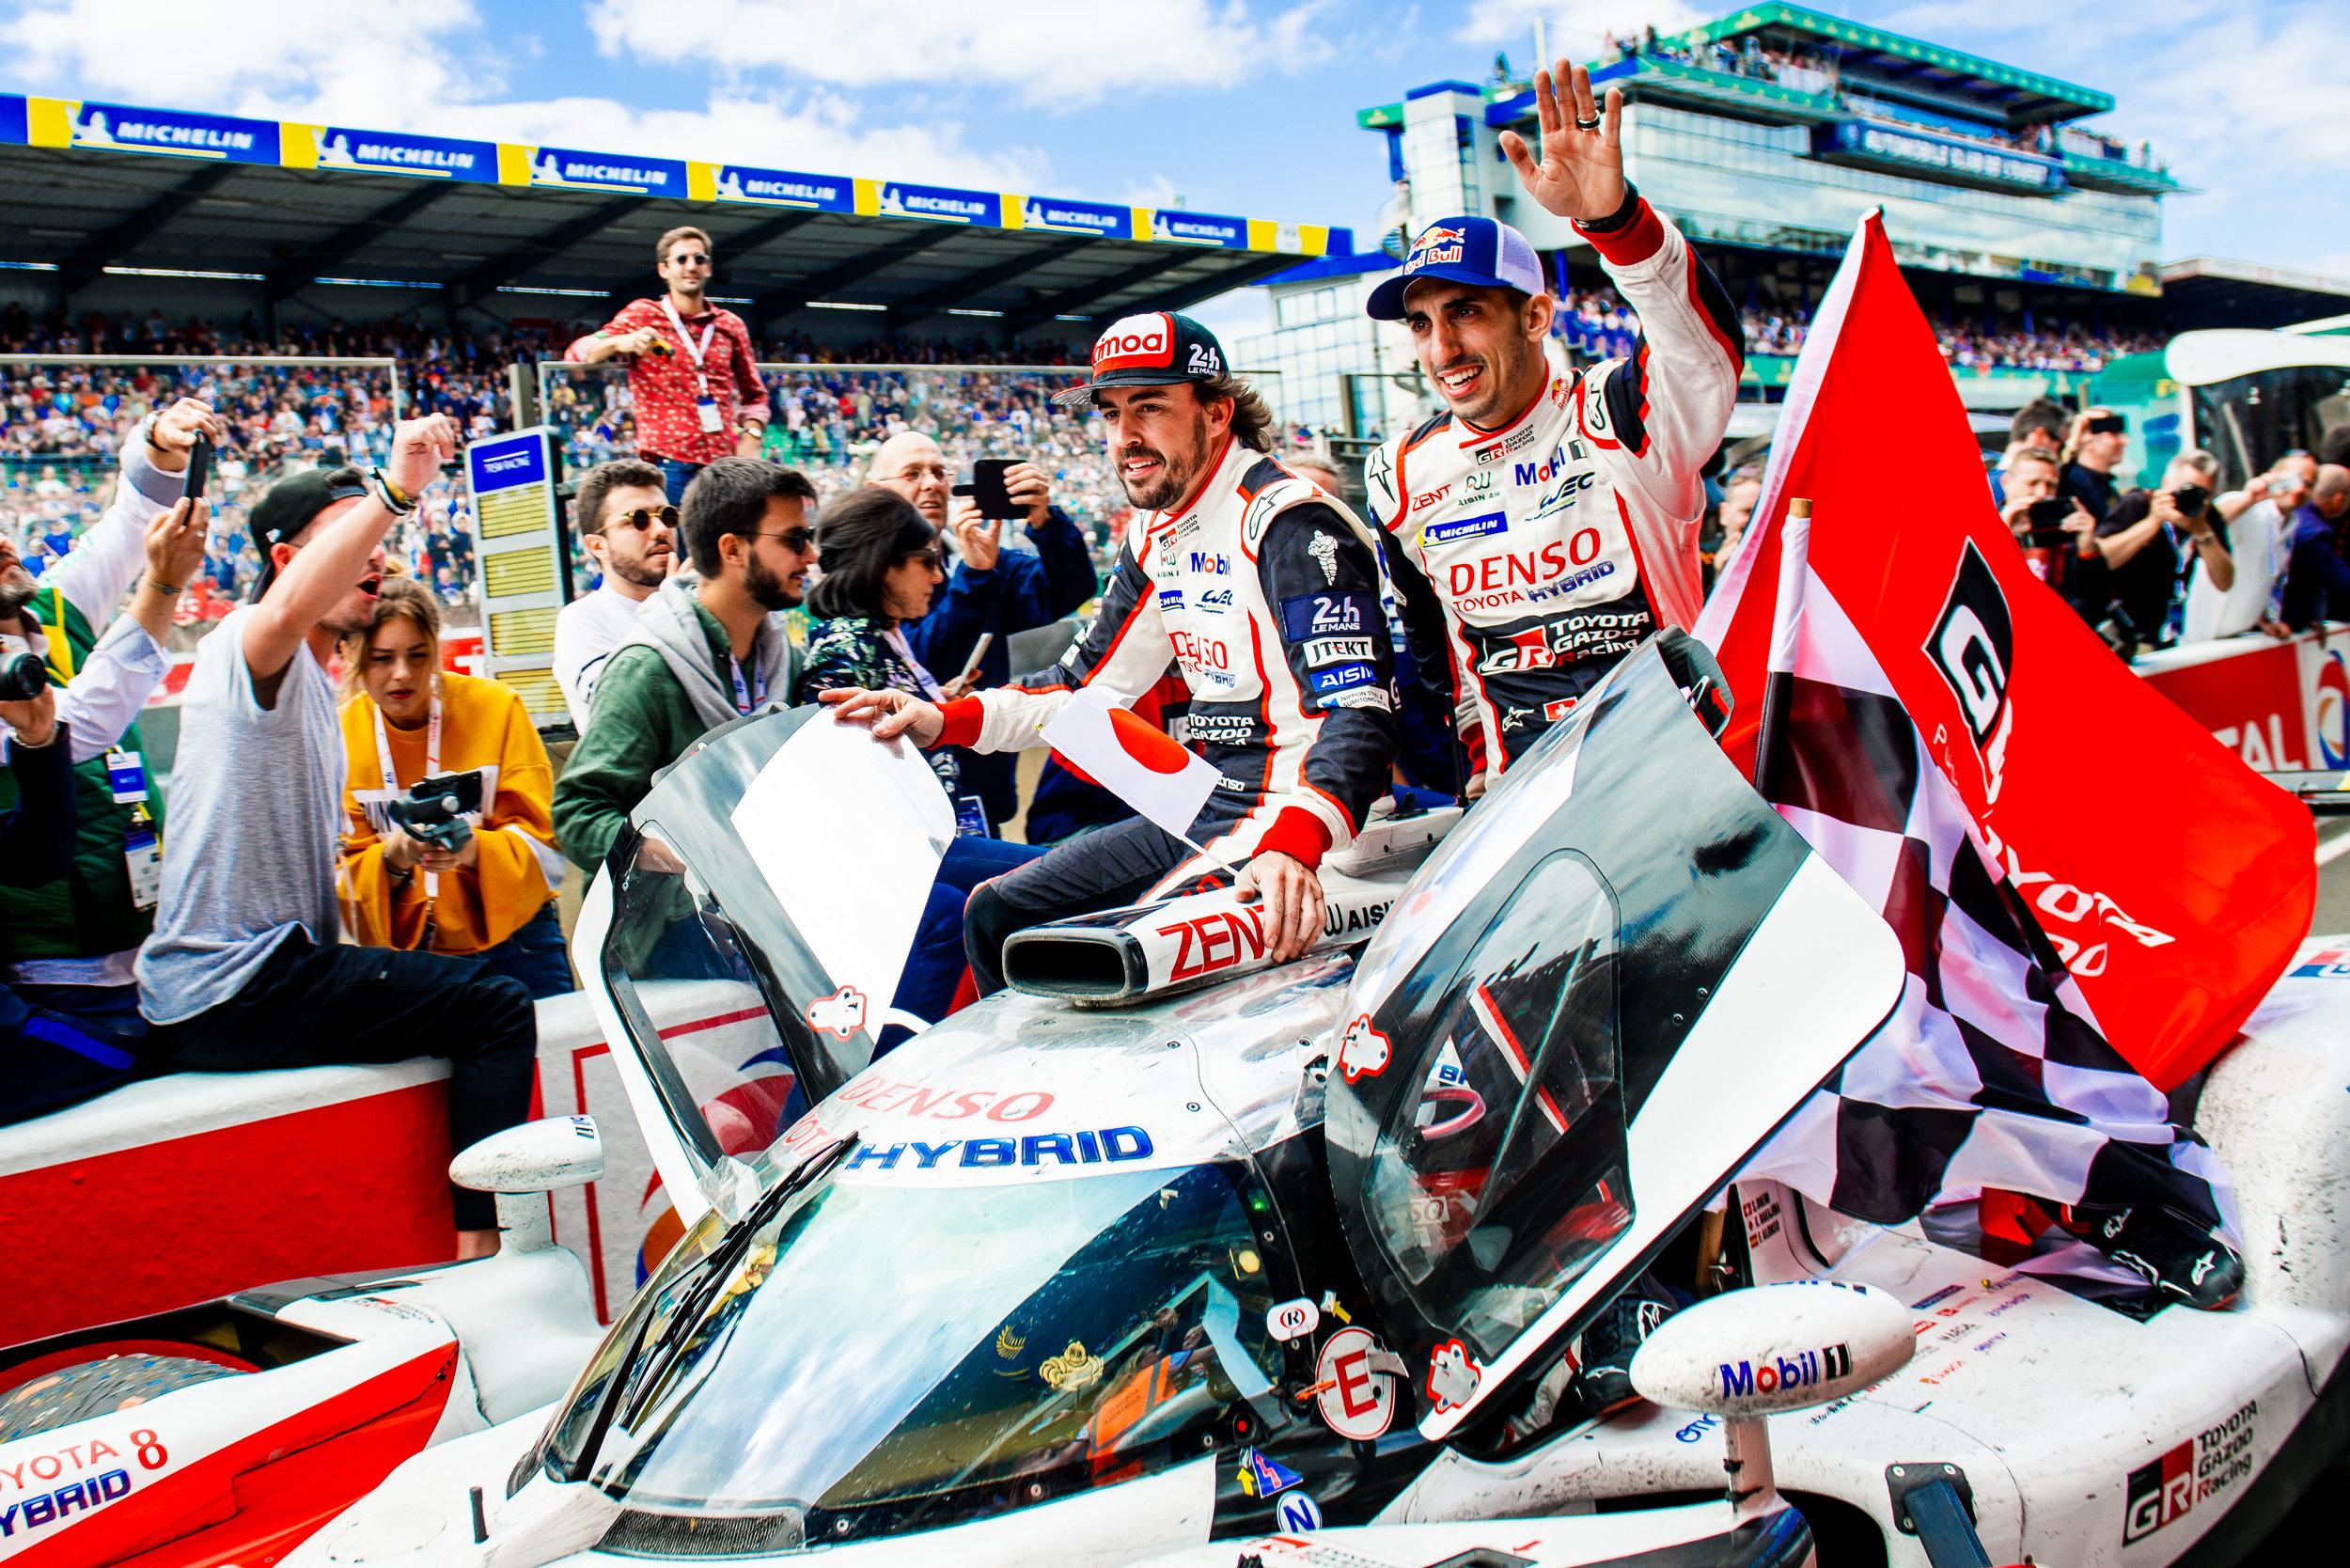 Le Mans 24 Hour, 2018 -